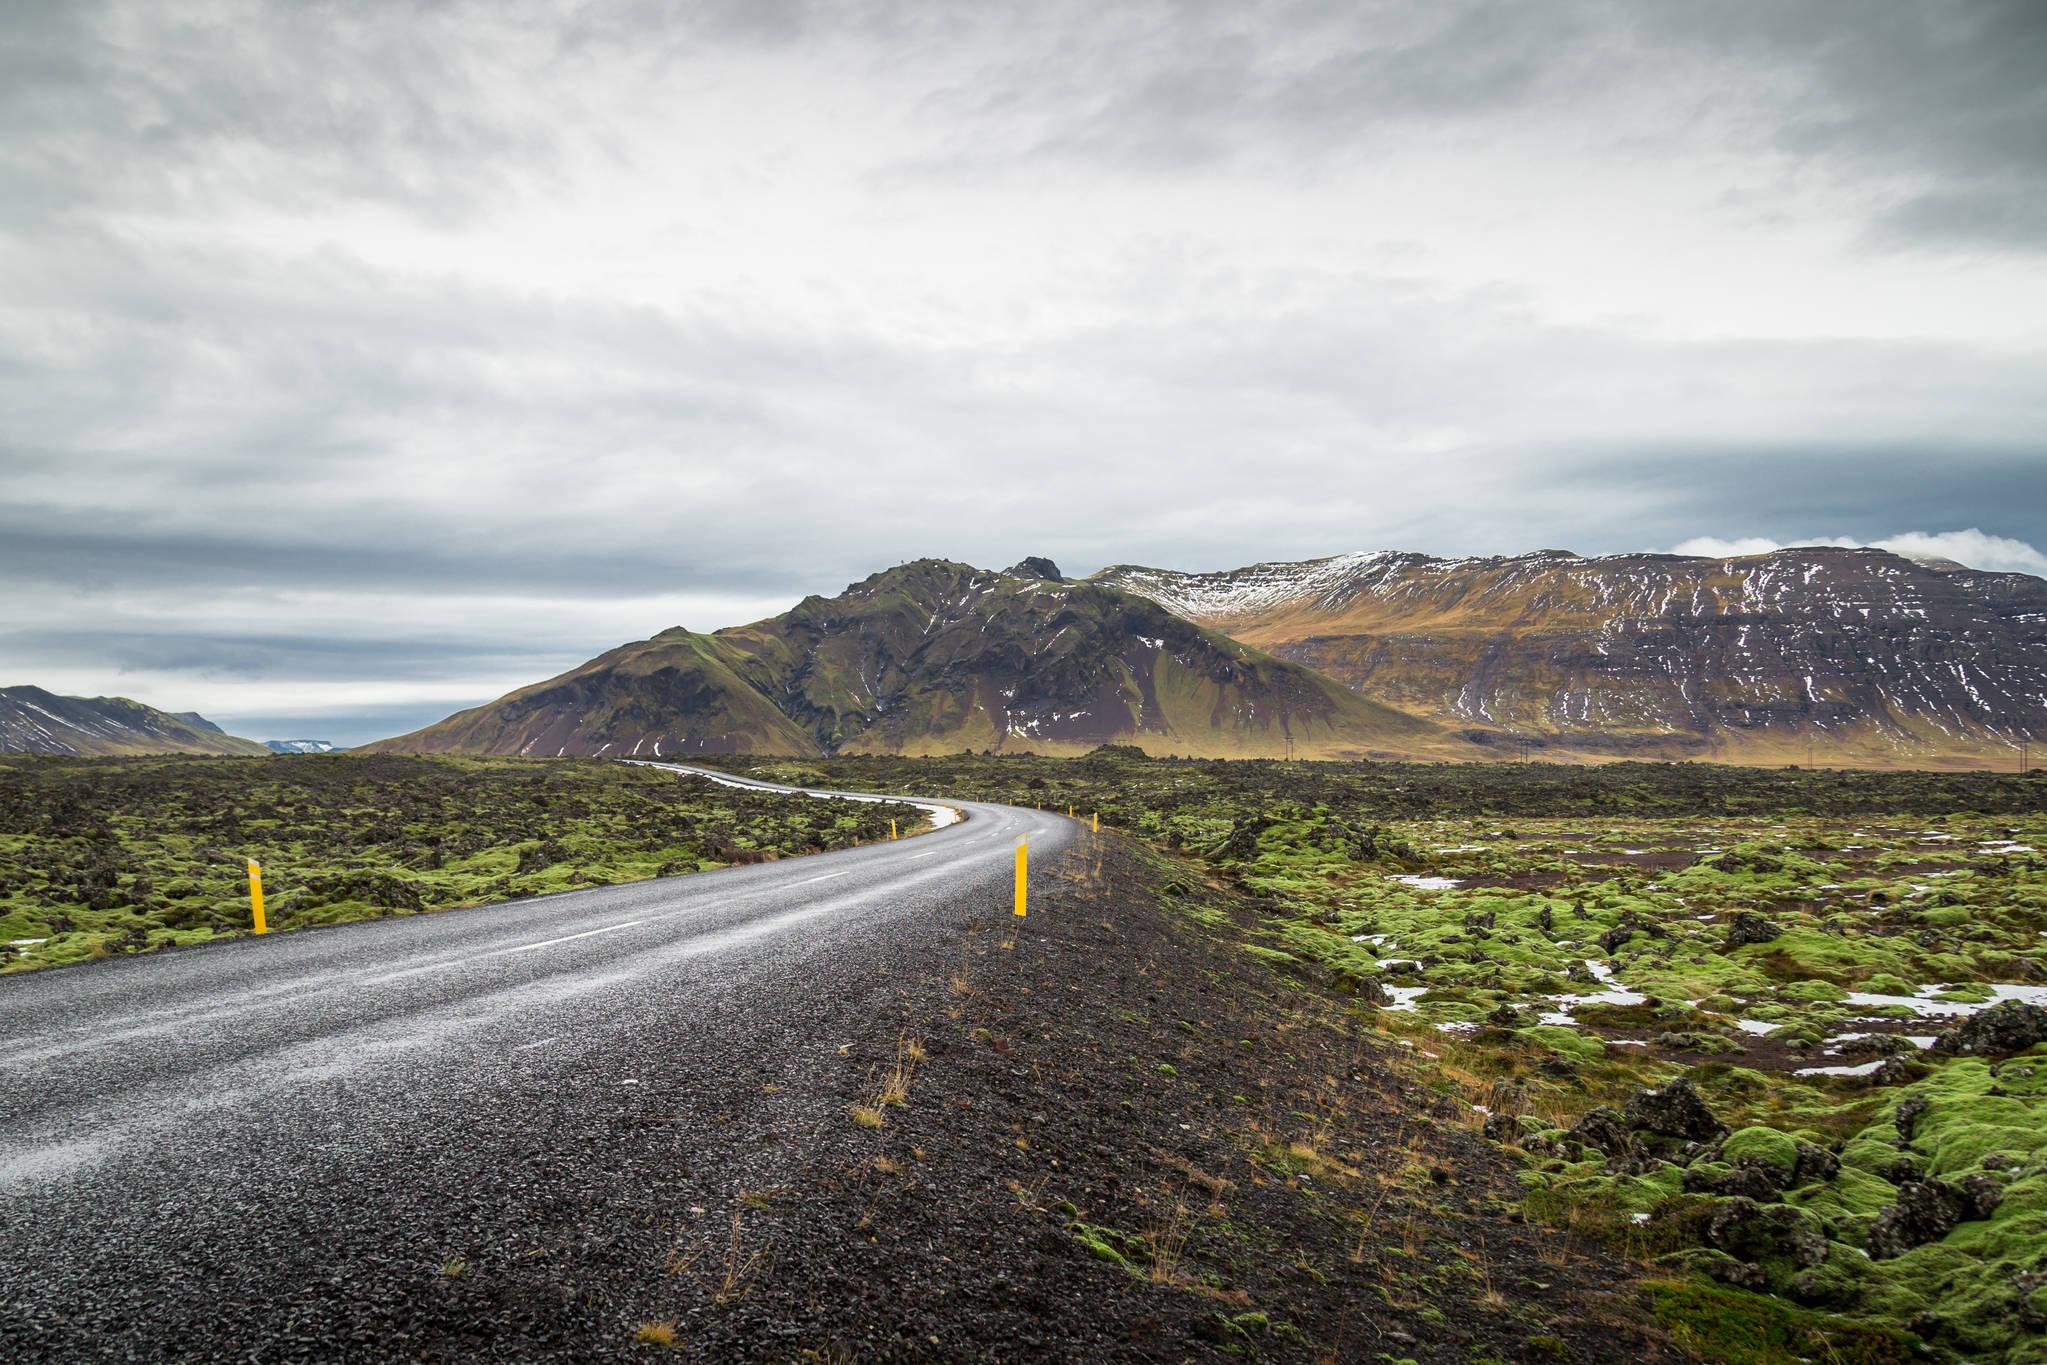 스티키쉬홀므르에서 그륀다르피오르뒤르로 향하는 길. 이끼로 덮인 현무암 지대와 웅장한 산맥의 모습이 신비로움을 더한다.